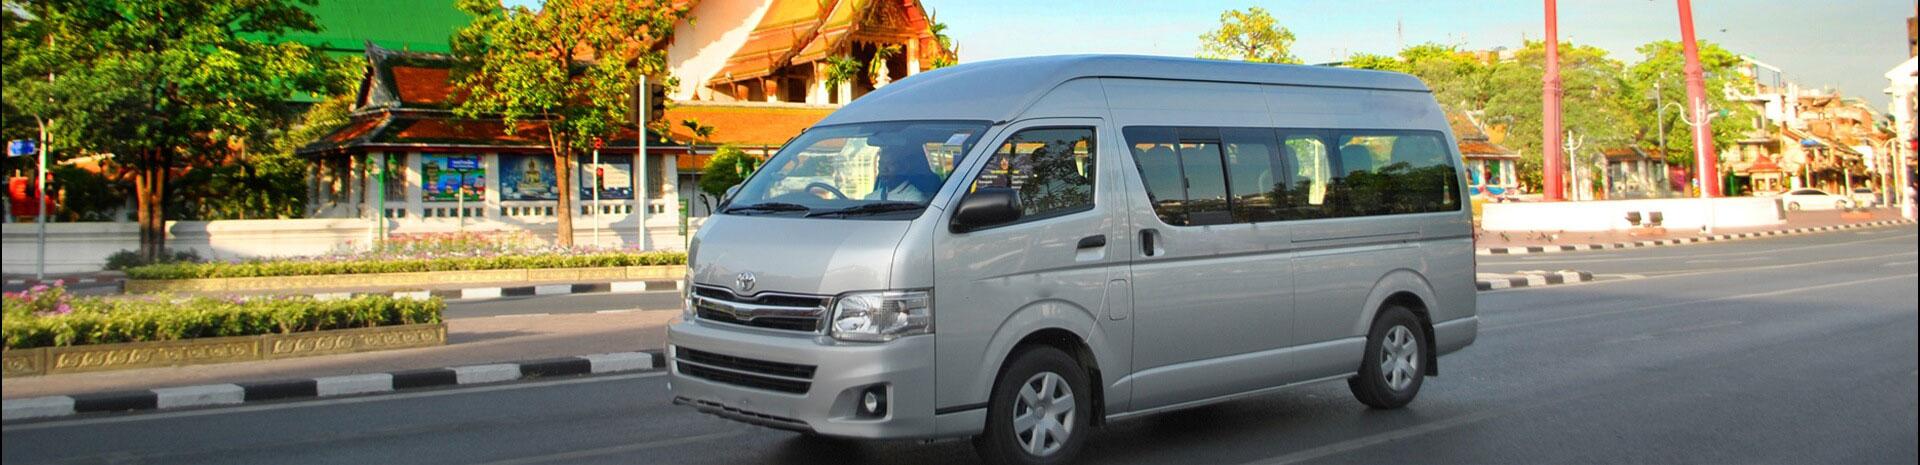 Thailand Tours arrangerer  transport service i Thailand med bil, bus & båd